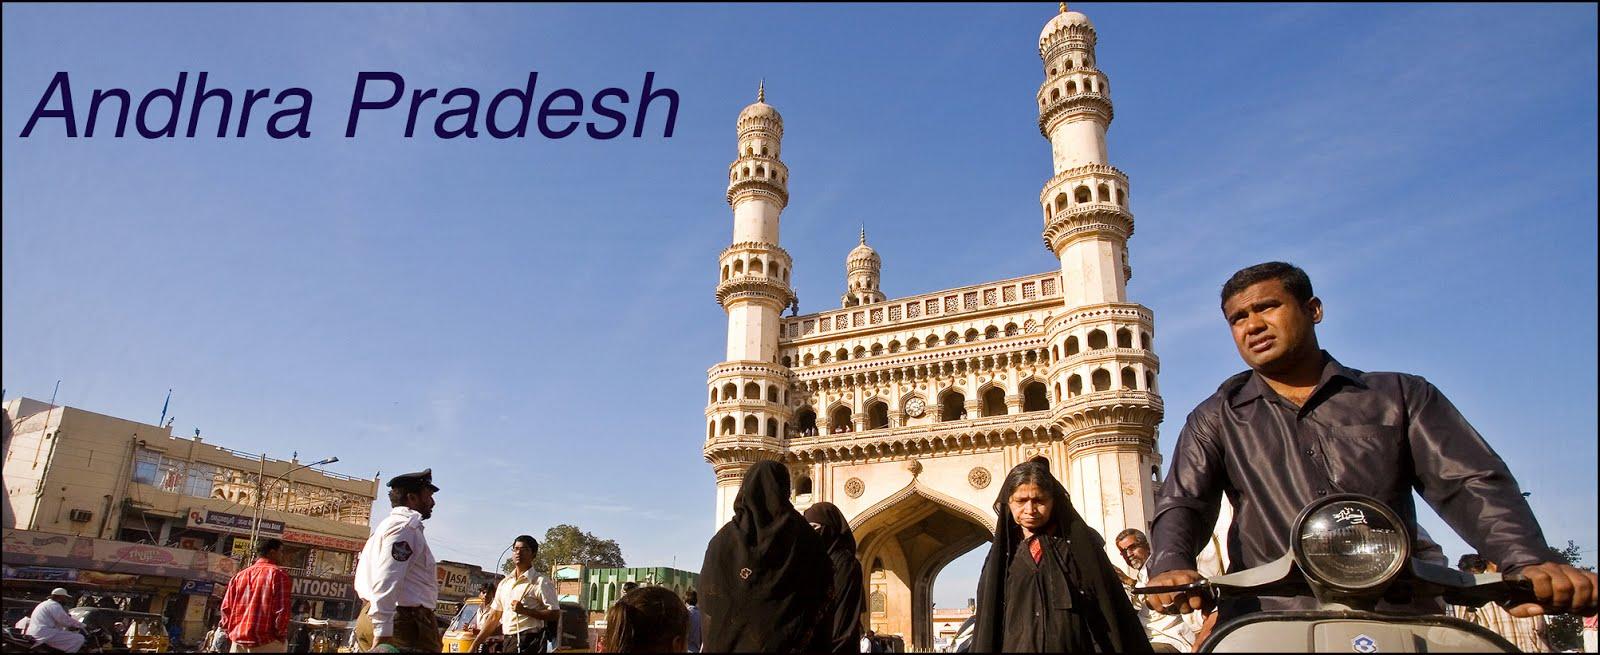 Andhra Pradesh. आंध्र प्रदेश